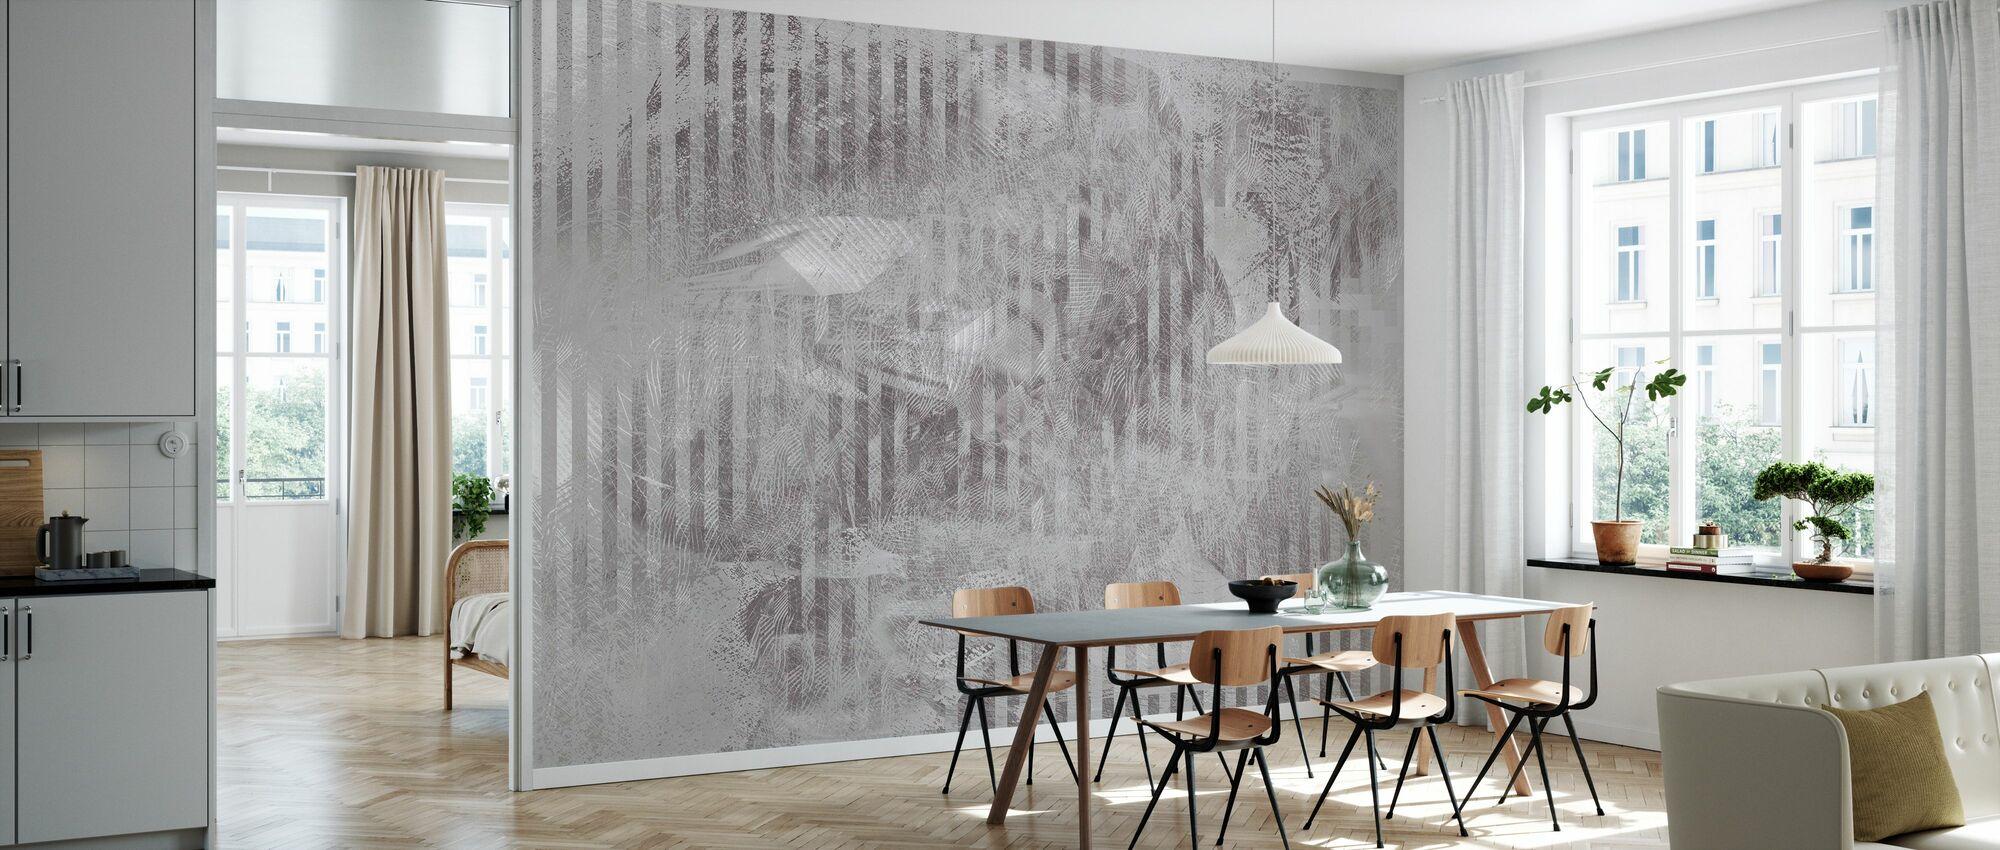 Spiegelreflexion - Graphit - Tapete - Küchen